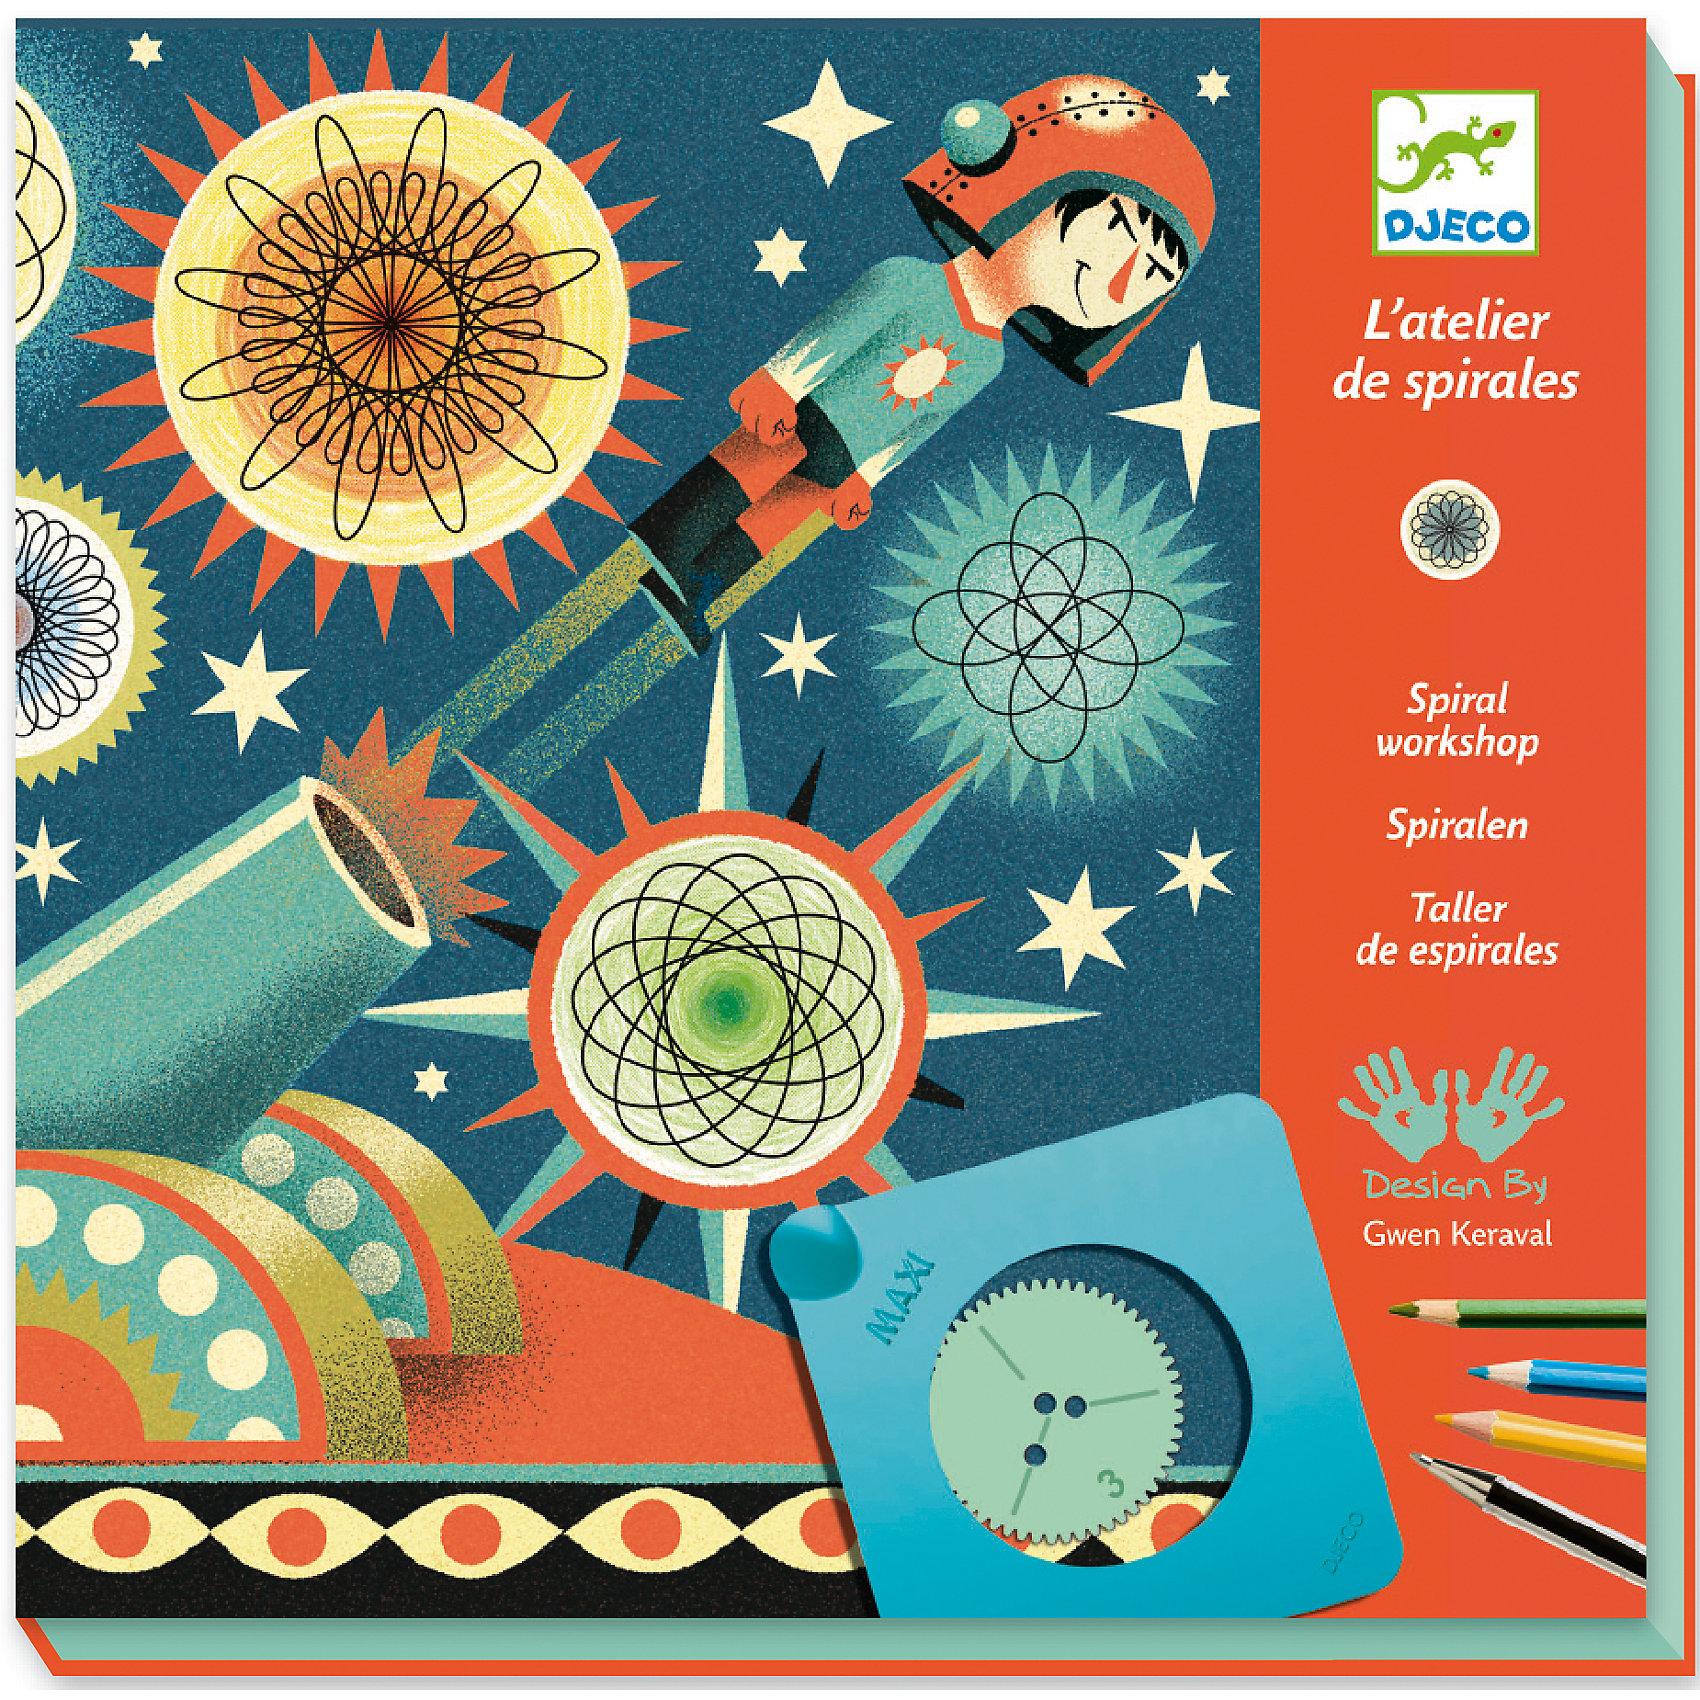 Творческий набор-игра для рисования Спирали КосмосНаборы для раскрашивания<br>Набор для творчества Djeco позволяет создавать самые фантастические картинки на тему космоса. С помощью специальных рамок и спиралей так увлекательно самим придумывать новые сюжеты и истории межпланетных галактик. В составе набора: металлическая пластина, 2 магнитные рамки, 5 спиралей разных размеров, 5 карандашей разных цветов, 1 ручка, 4 фоновые картинки, подробная инструкция.<br><br>Творческий набор-игра для рисования Спирали Космос можно купить в нашем магазине.<br><br>Ширина мм: 50<br>Глубина мм: 240<br>Высота мм: 230<br>Вес г: 480<br>Возраст от месяцев: 84<br>Возраст до месяцев: 156<br>Пол: Мужской<br>Возраст: Детский<br>SKU: 4783874